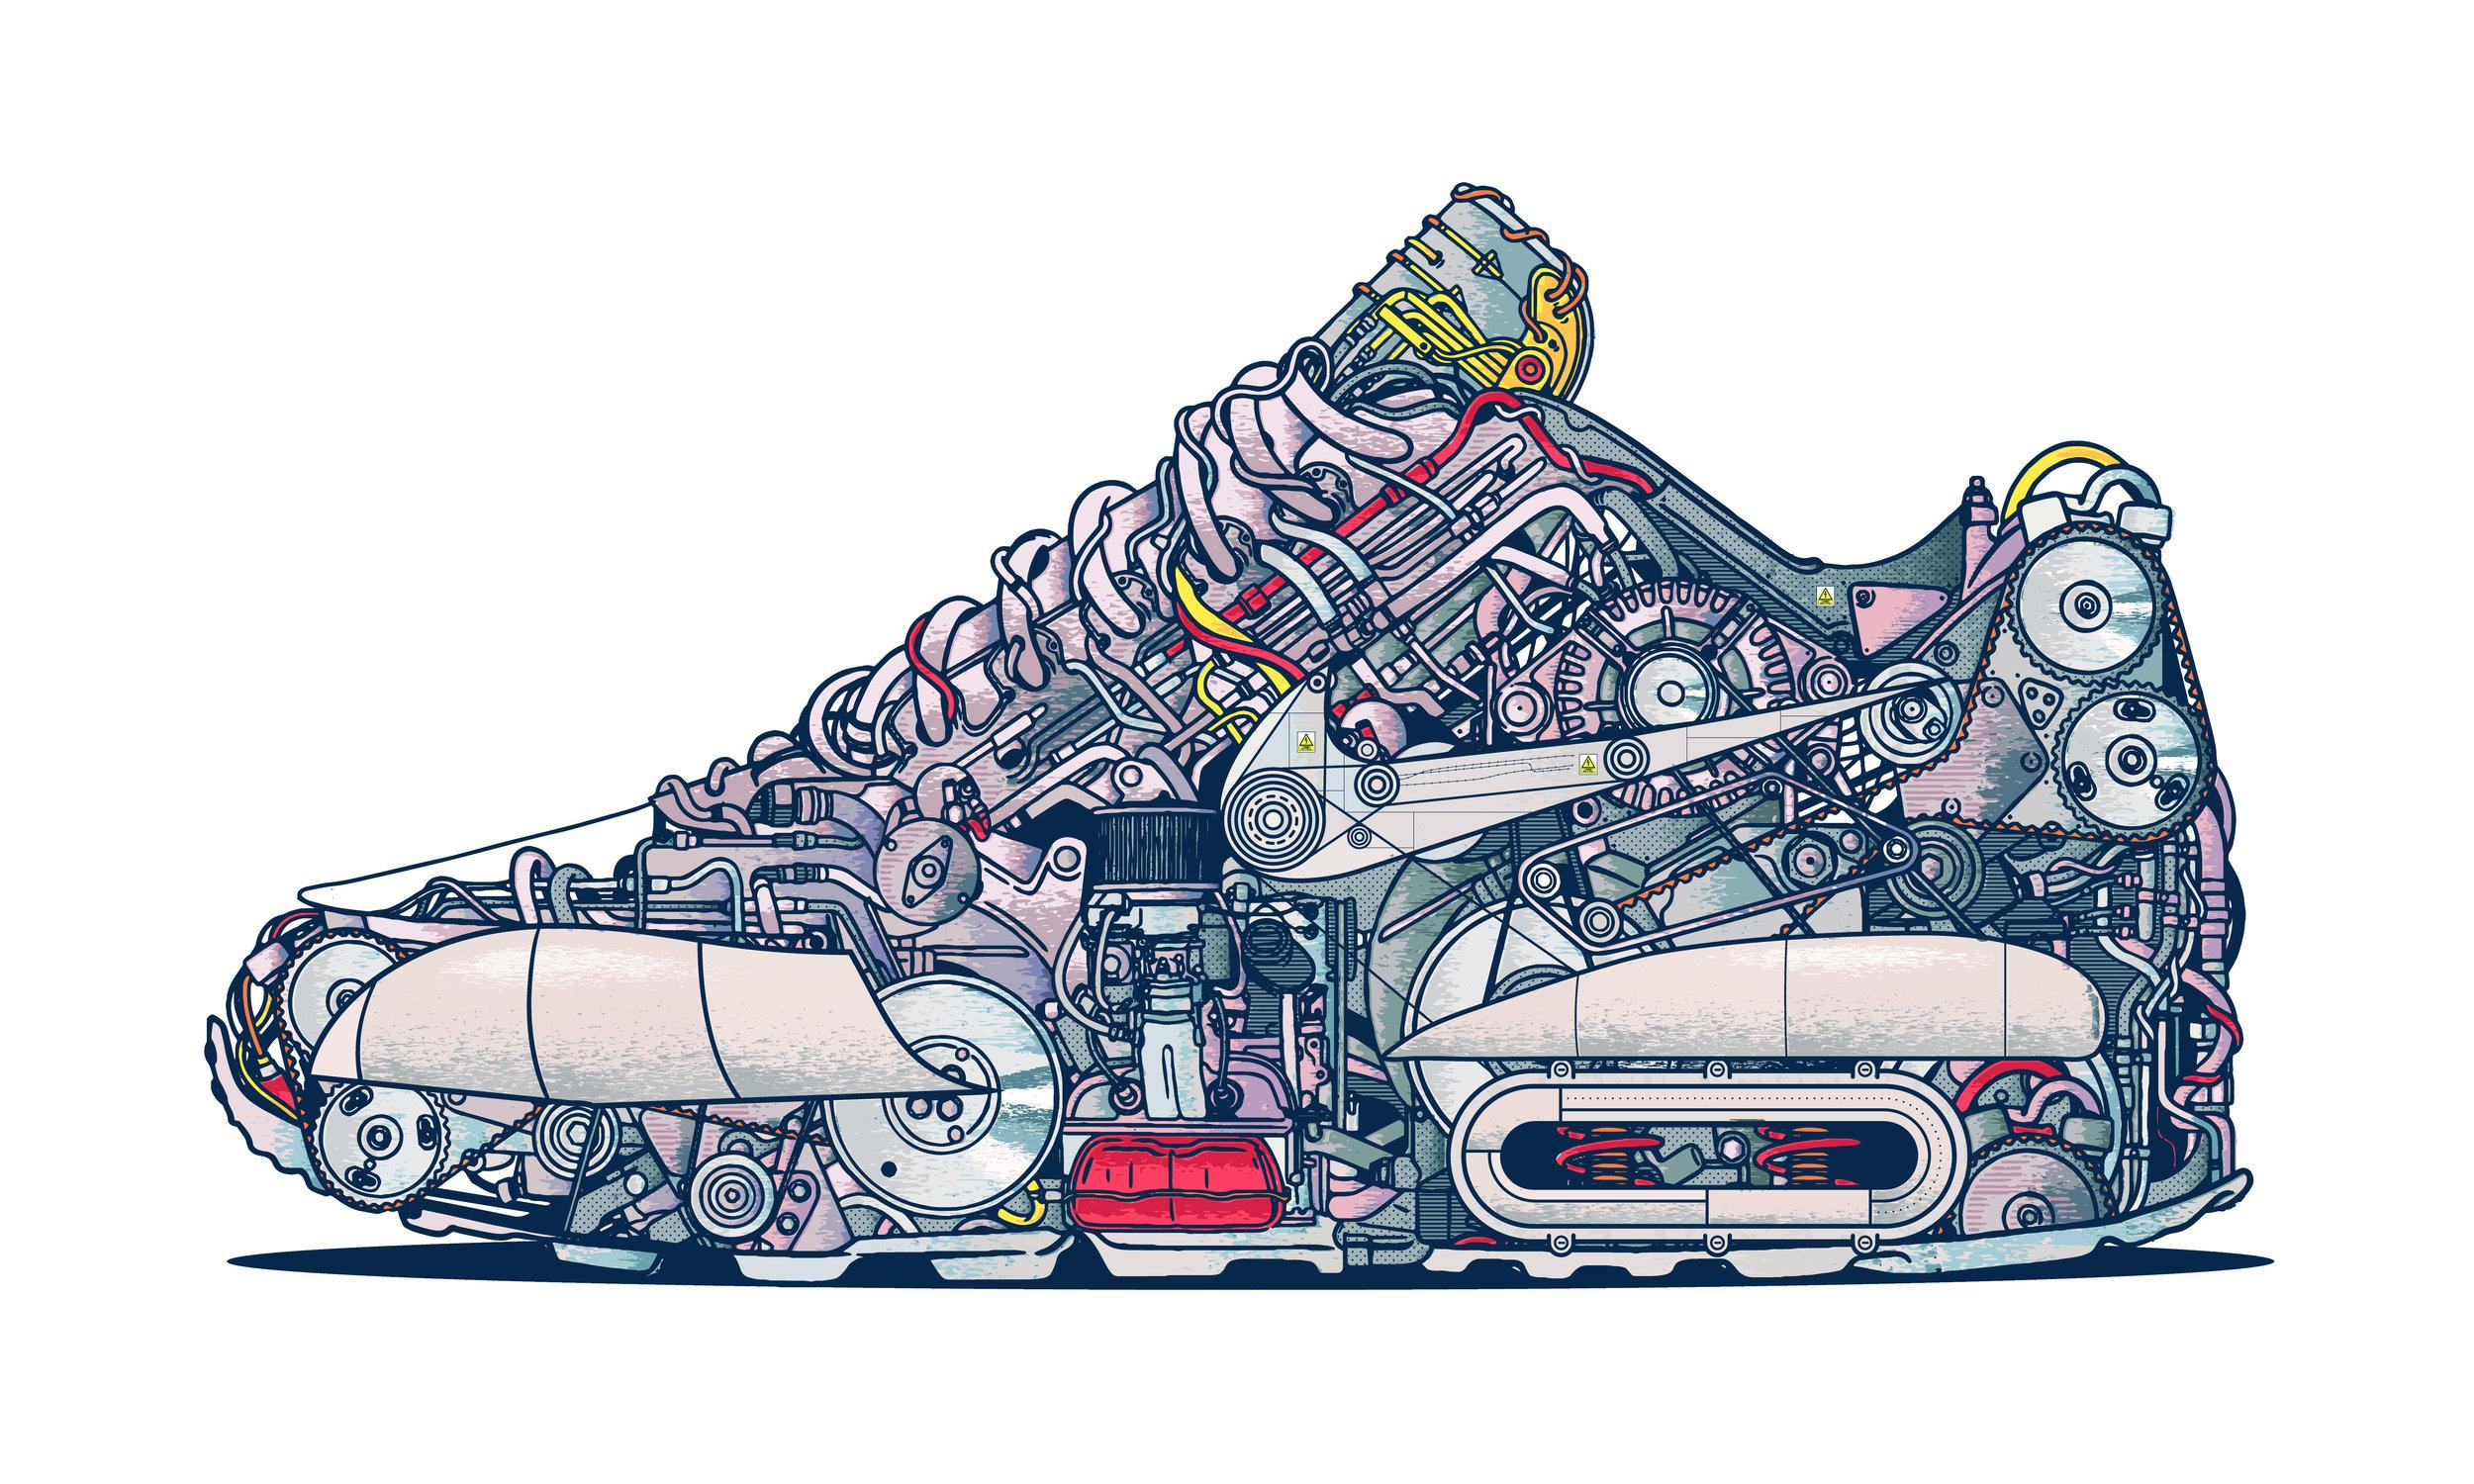 Nike-machinE.jpg